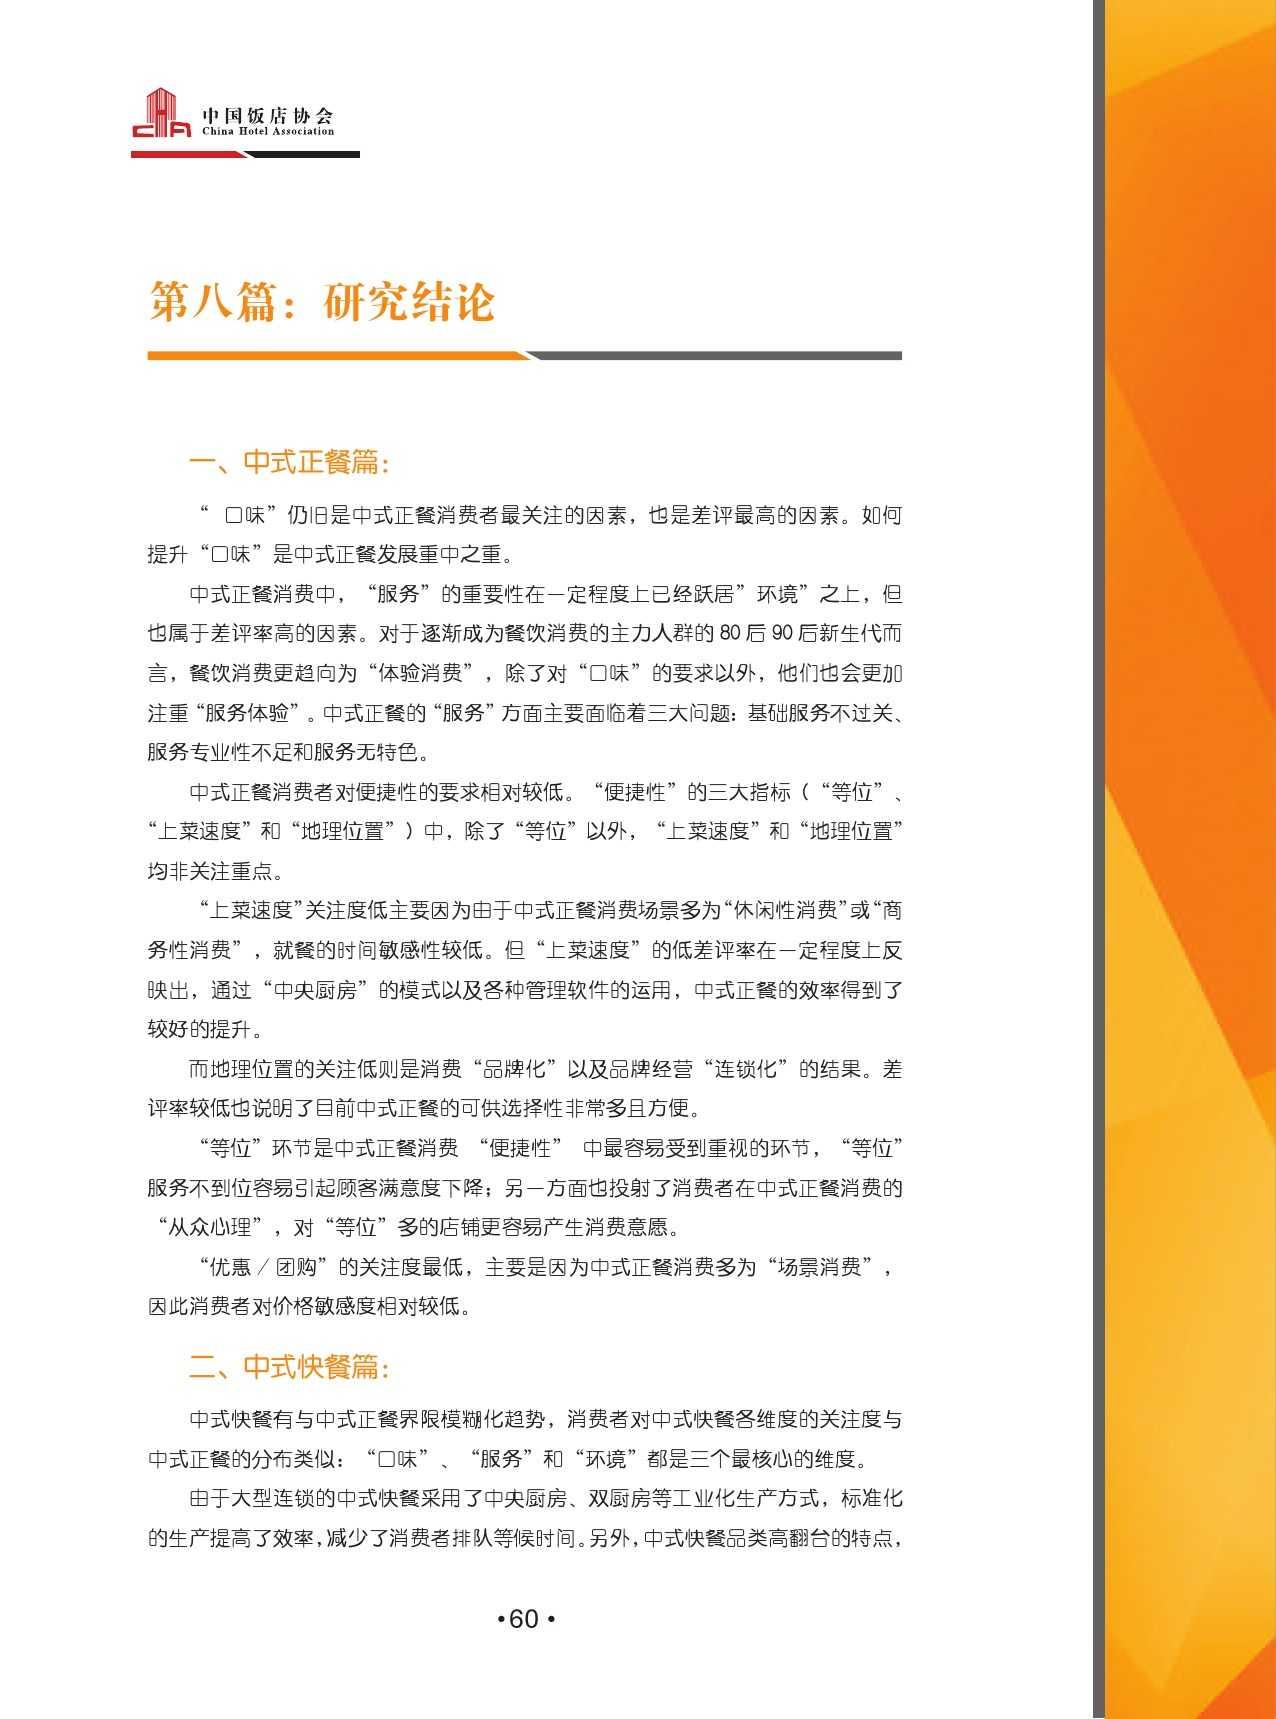 2015中国餐饮消费需求大数据分析报告_000062